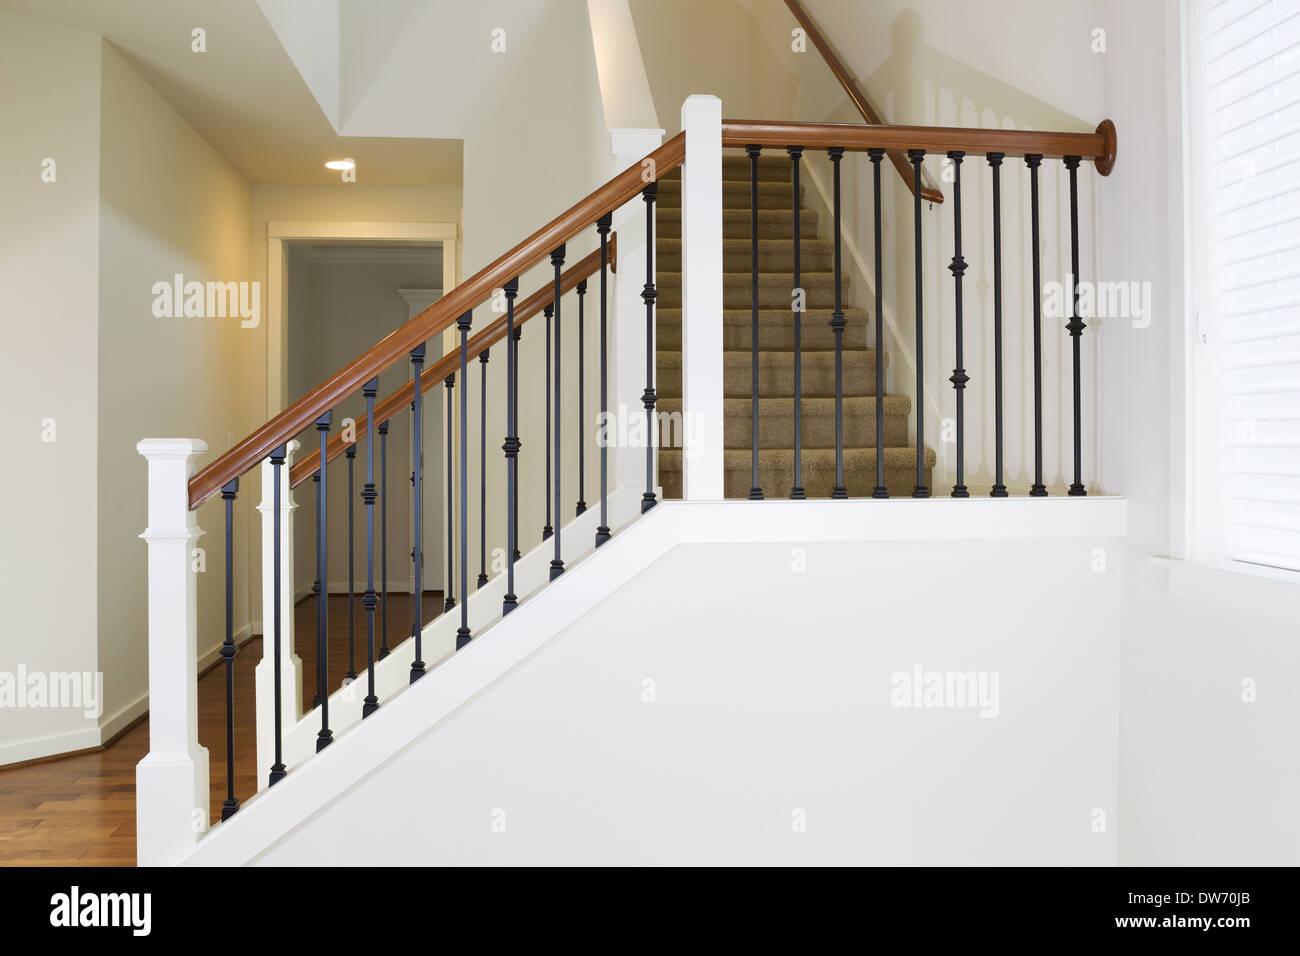 Horizontale Foto Von Wohn Haus Treppe Aus Eisen Und Holz Mit Teppich